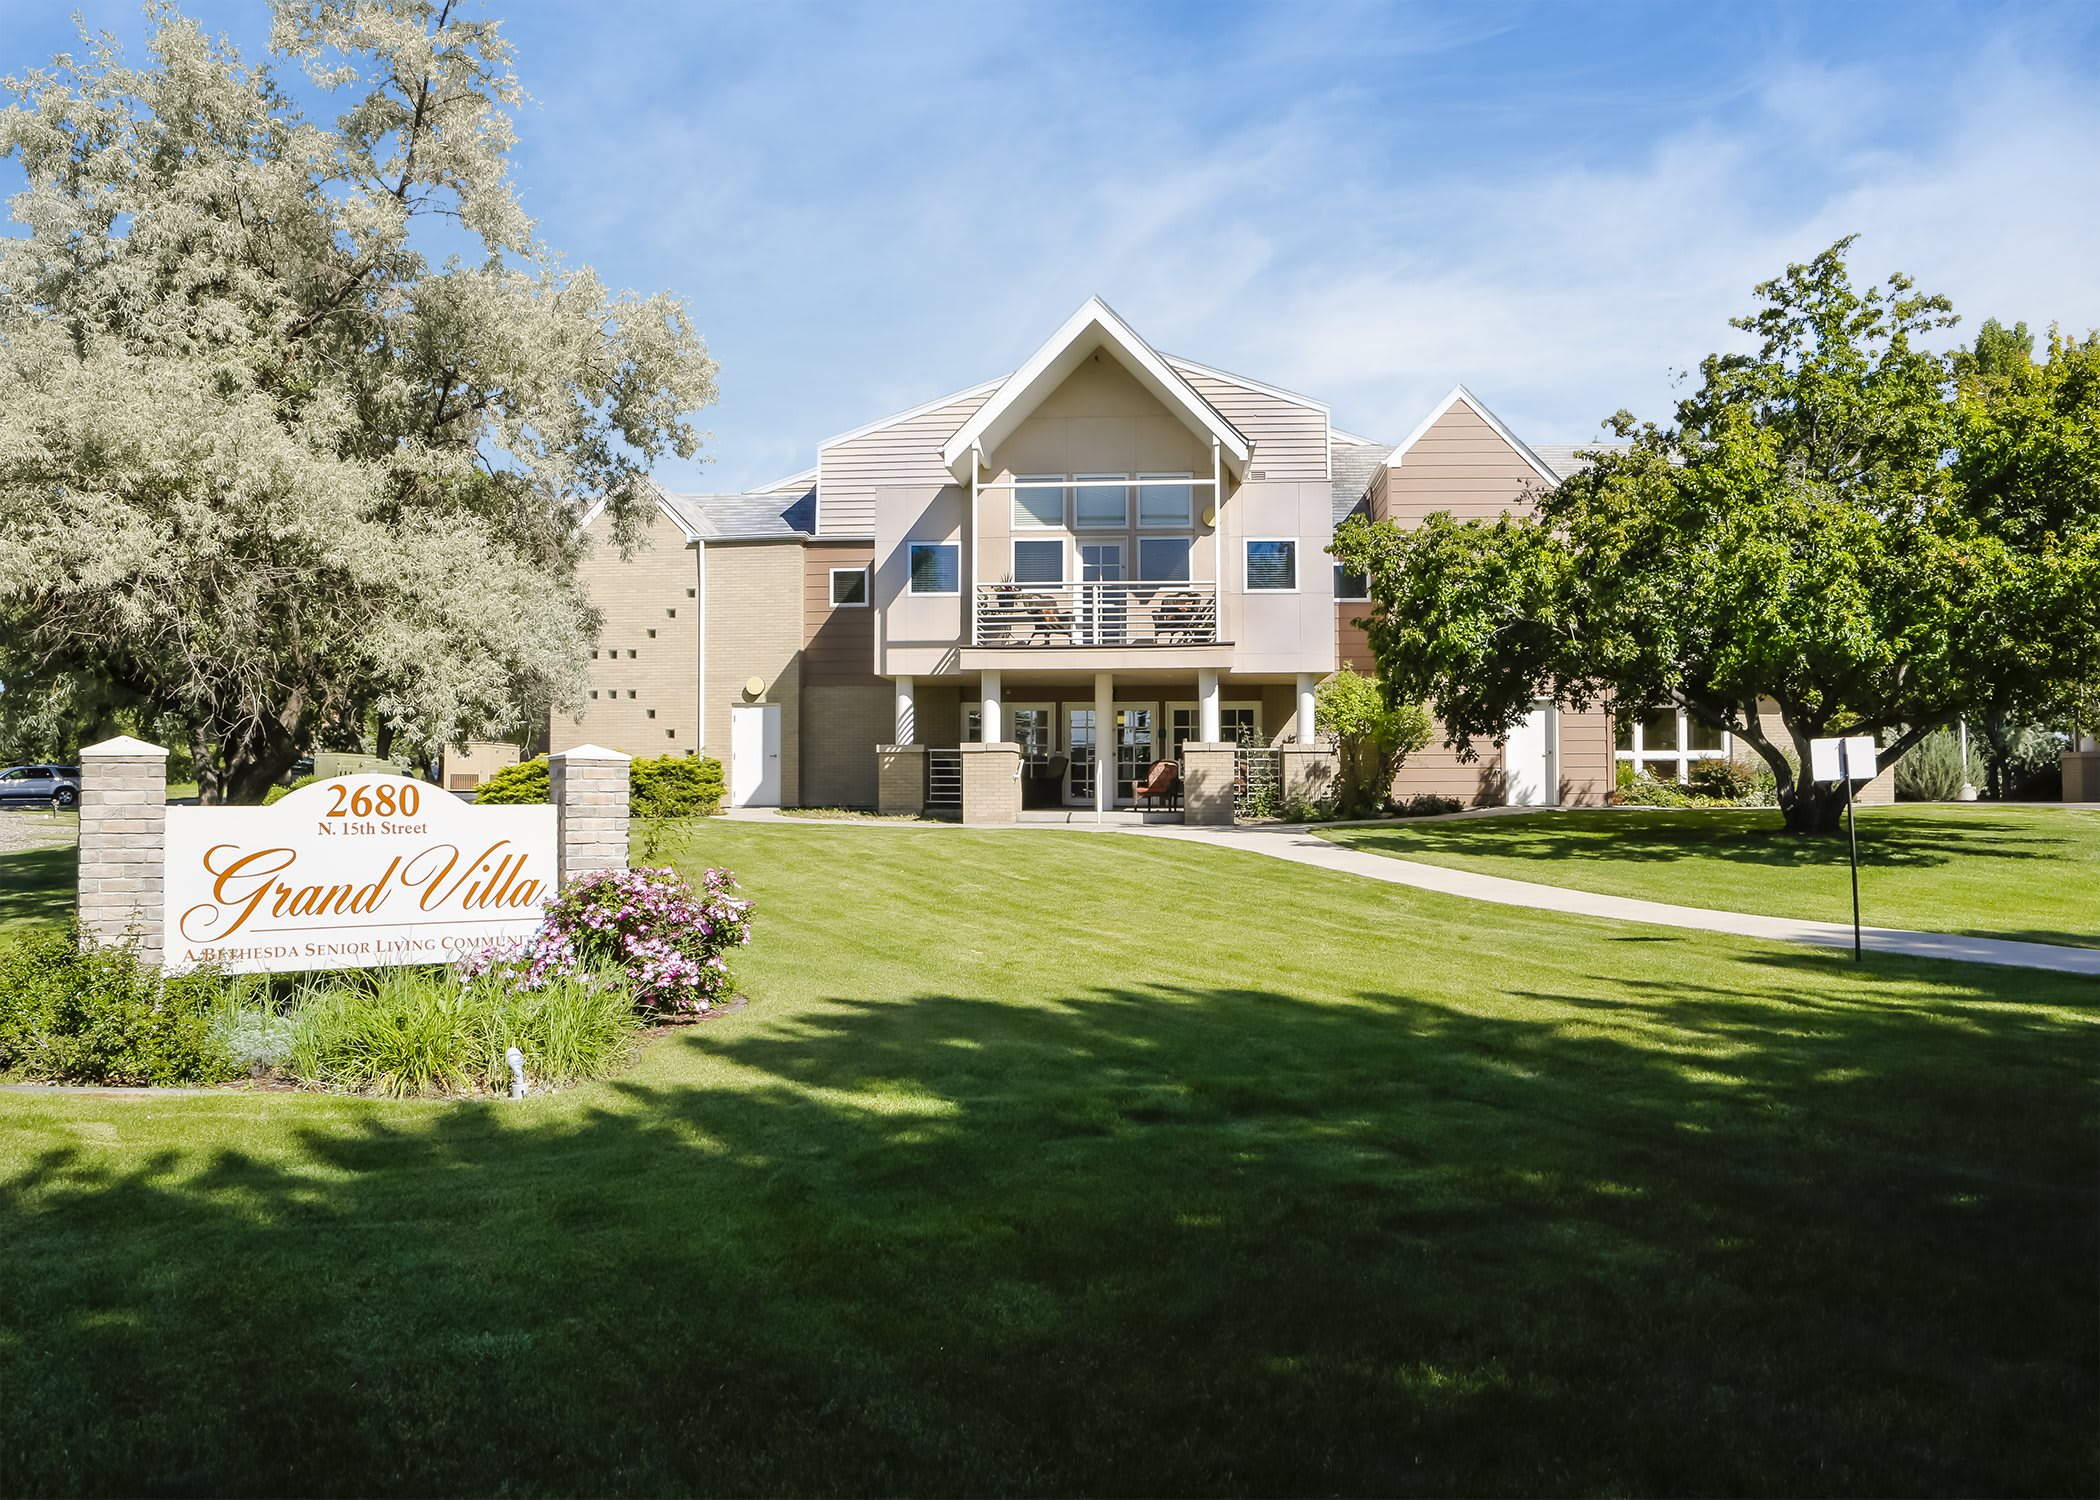 Photo 1 of Grand Villa